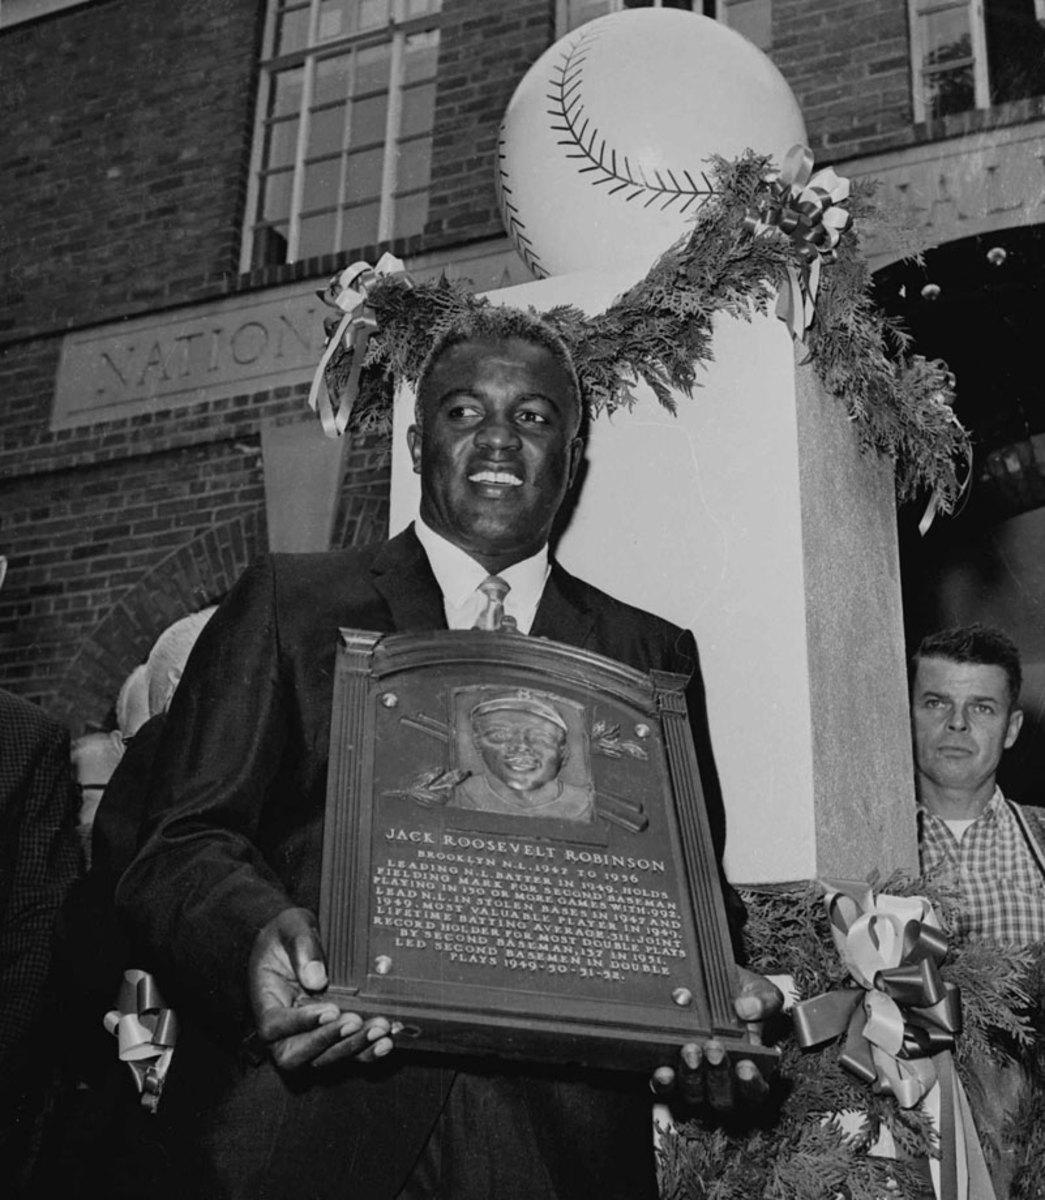 1962-Jackie-Robinson-Hall-of-Fame.jpg